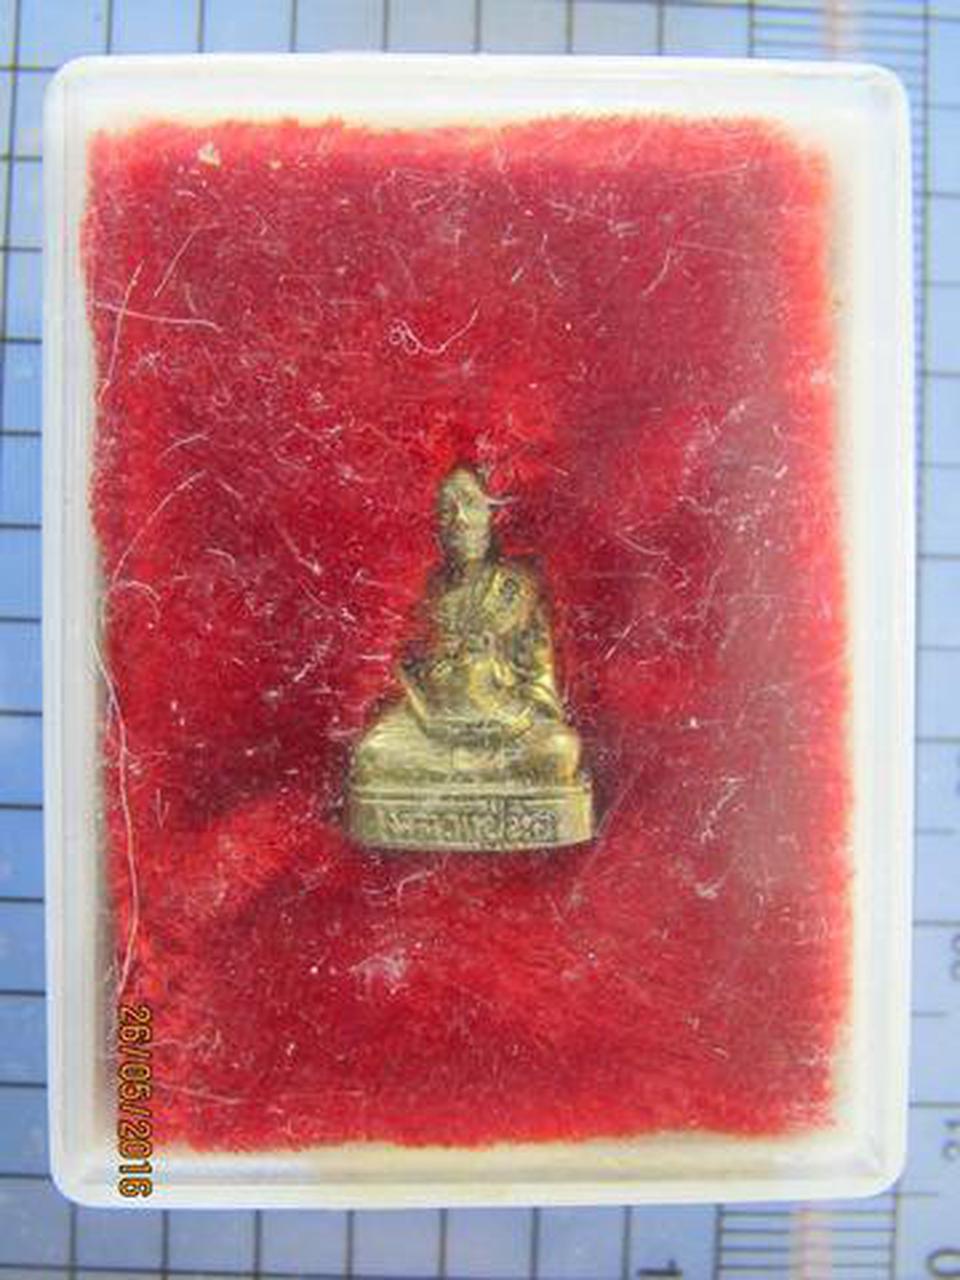 3418 พระรูปหล่อเล็กอุดกริ่งหลวงปู่นิล วัดครบุรี ปี 2536 ที่ร รูปที่ 1